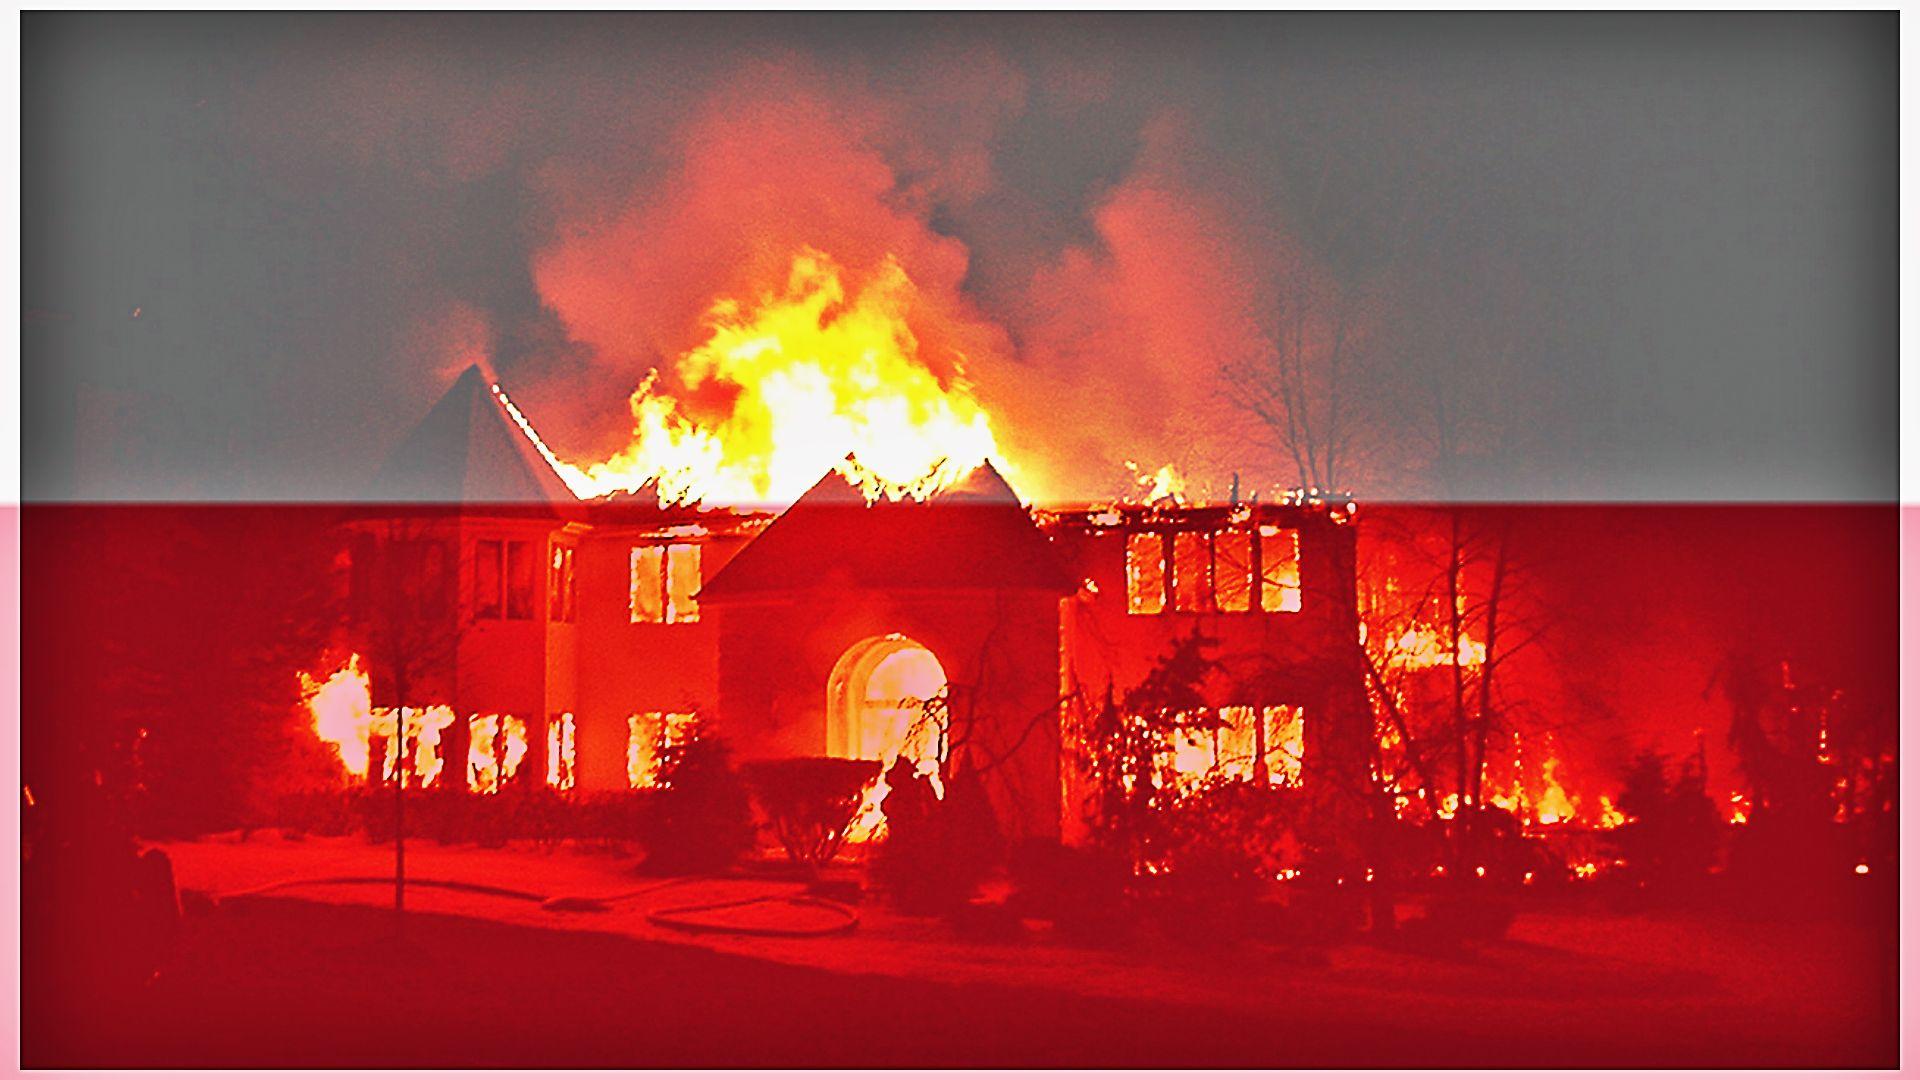 Polacy spalili hotel dla uchodźców!